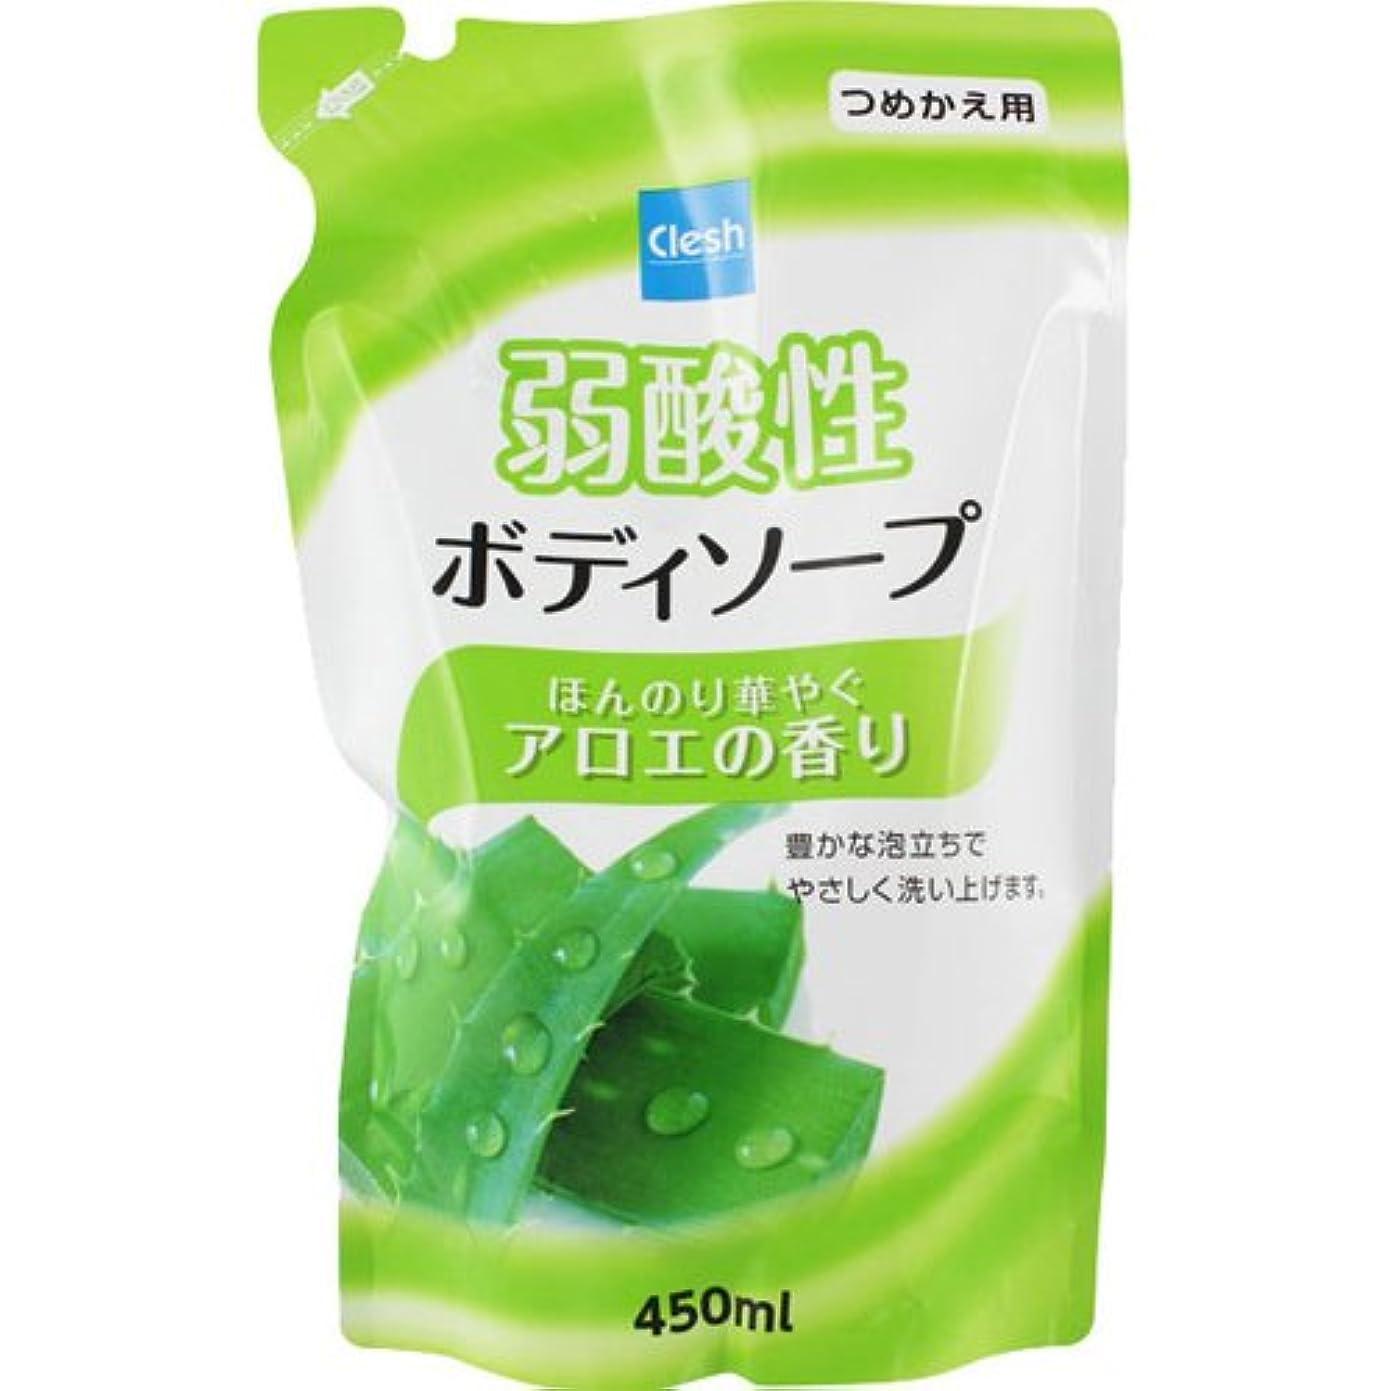 自明解読するより良いClesh(クレシュ) 弱酸性ボディソープ アロエの香り つめかえ用 450ml